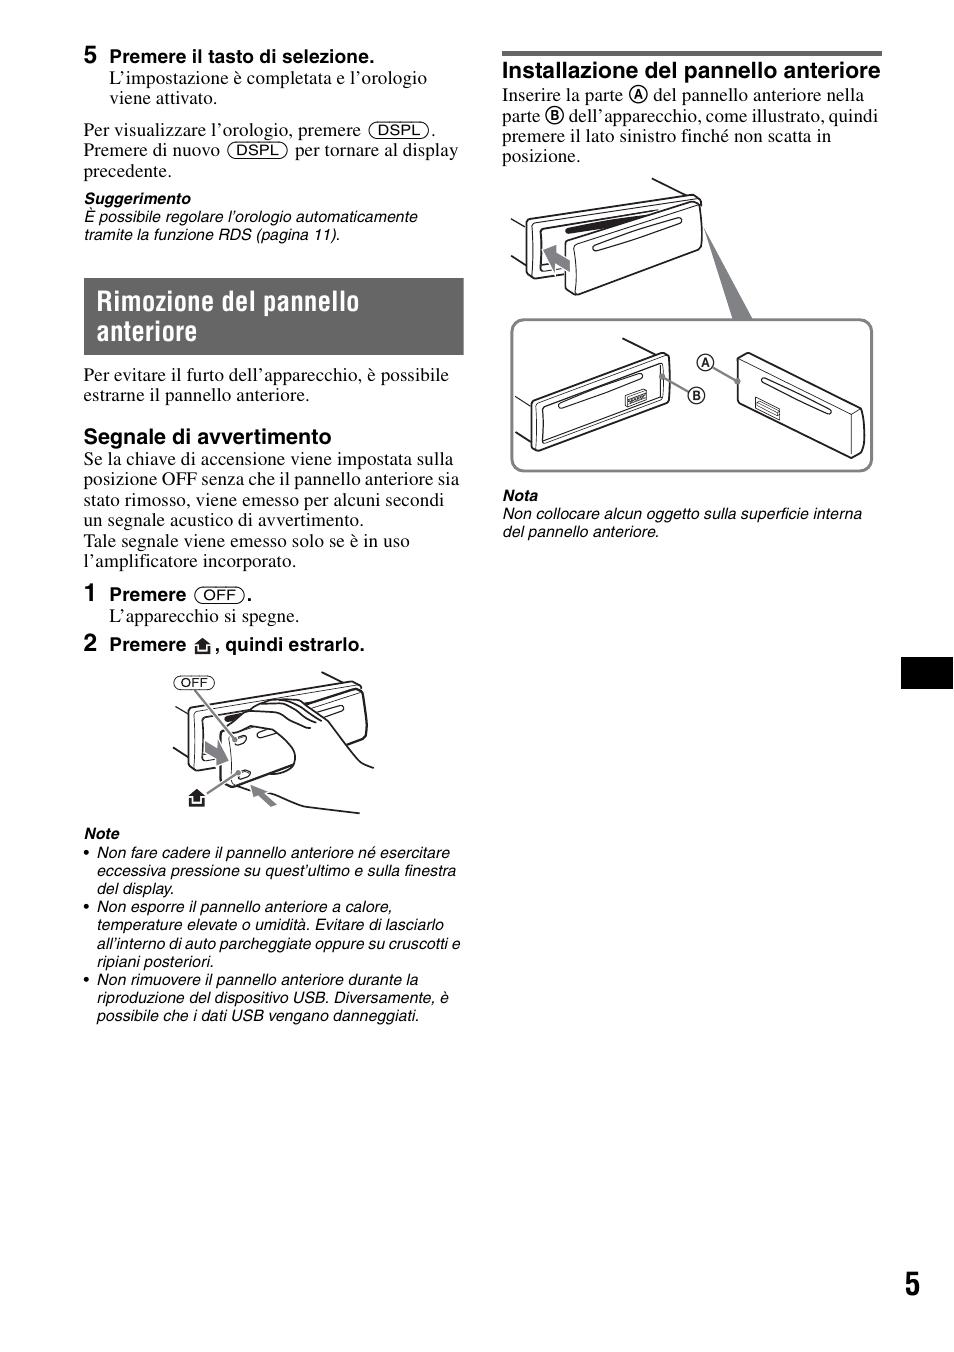 rimozione del pannello anteriore installazione del pannello rh manualsdir com sony cdx-gt420u wiring diagram Sony Xplod 52Wx4 Wiring-Diagram